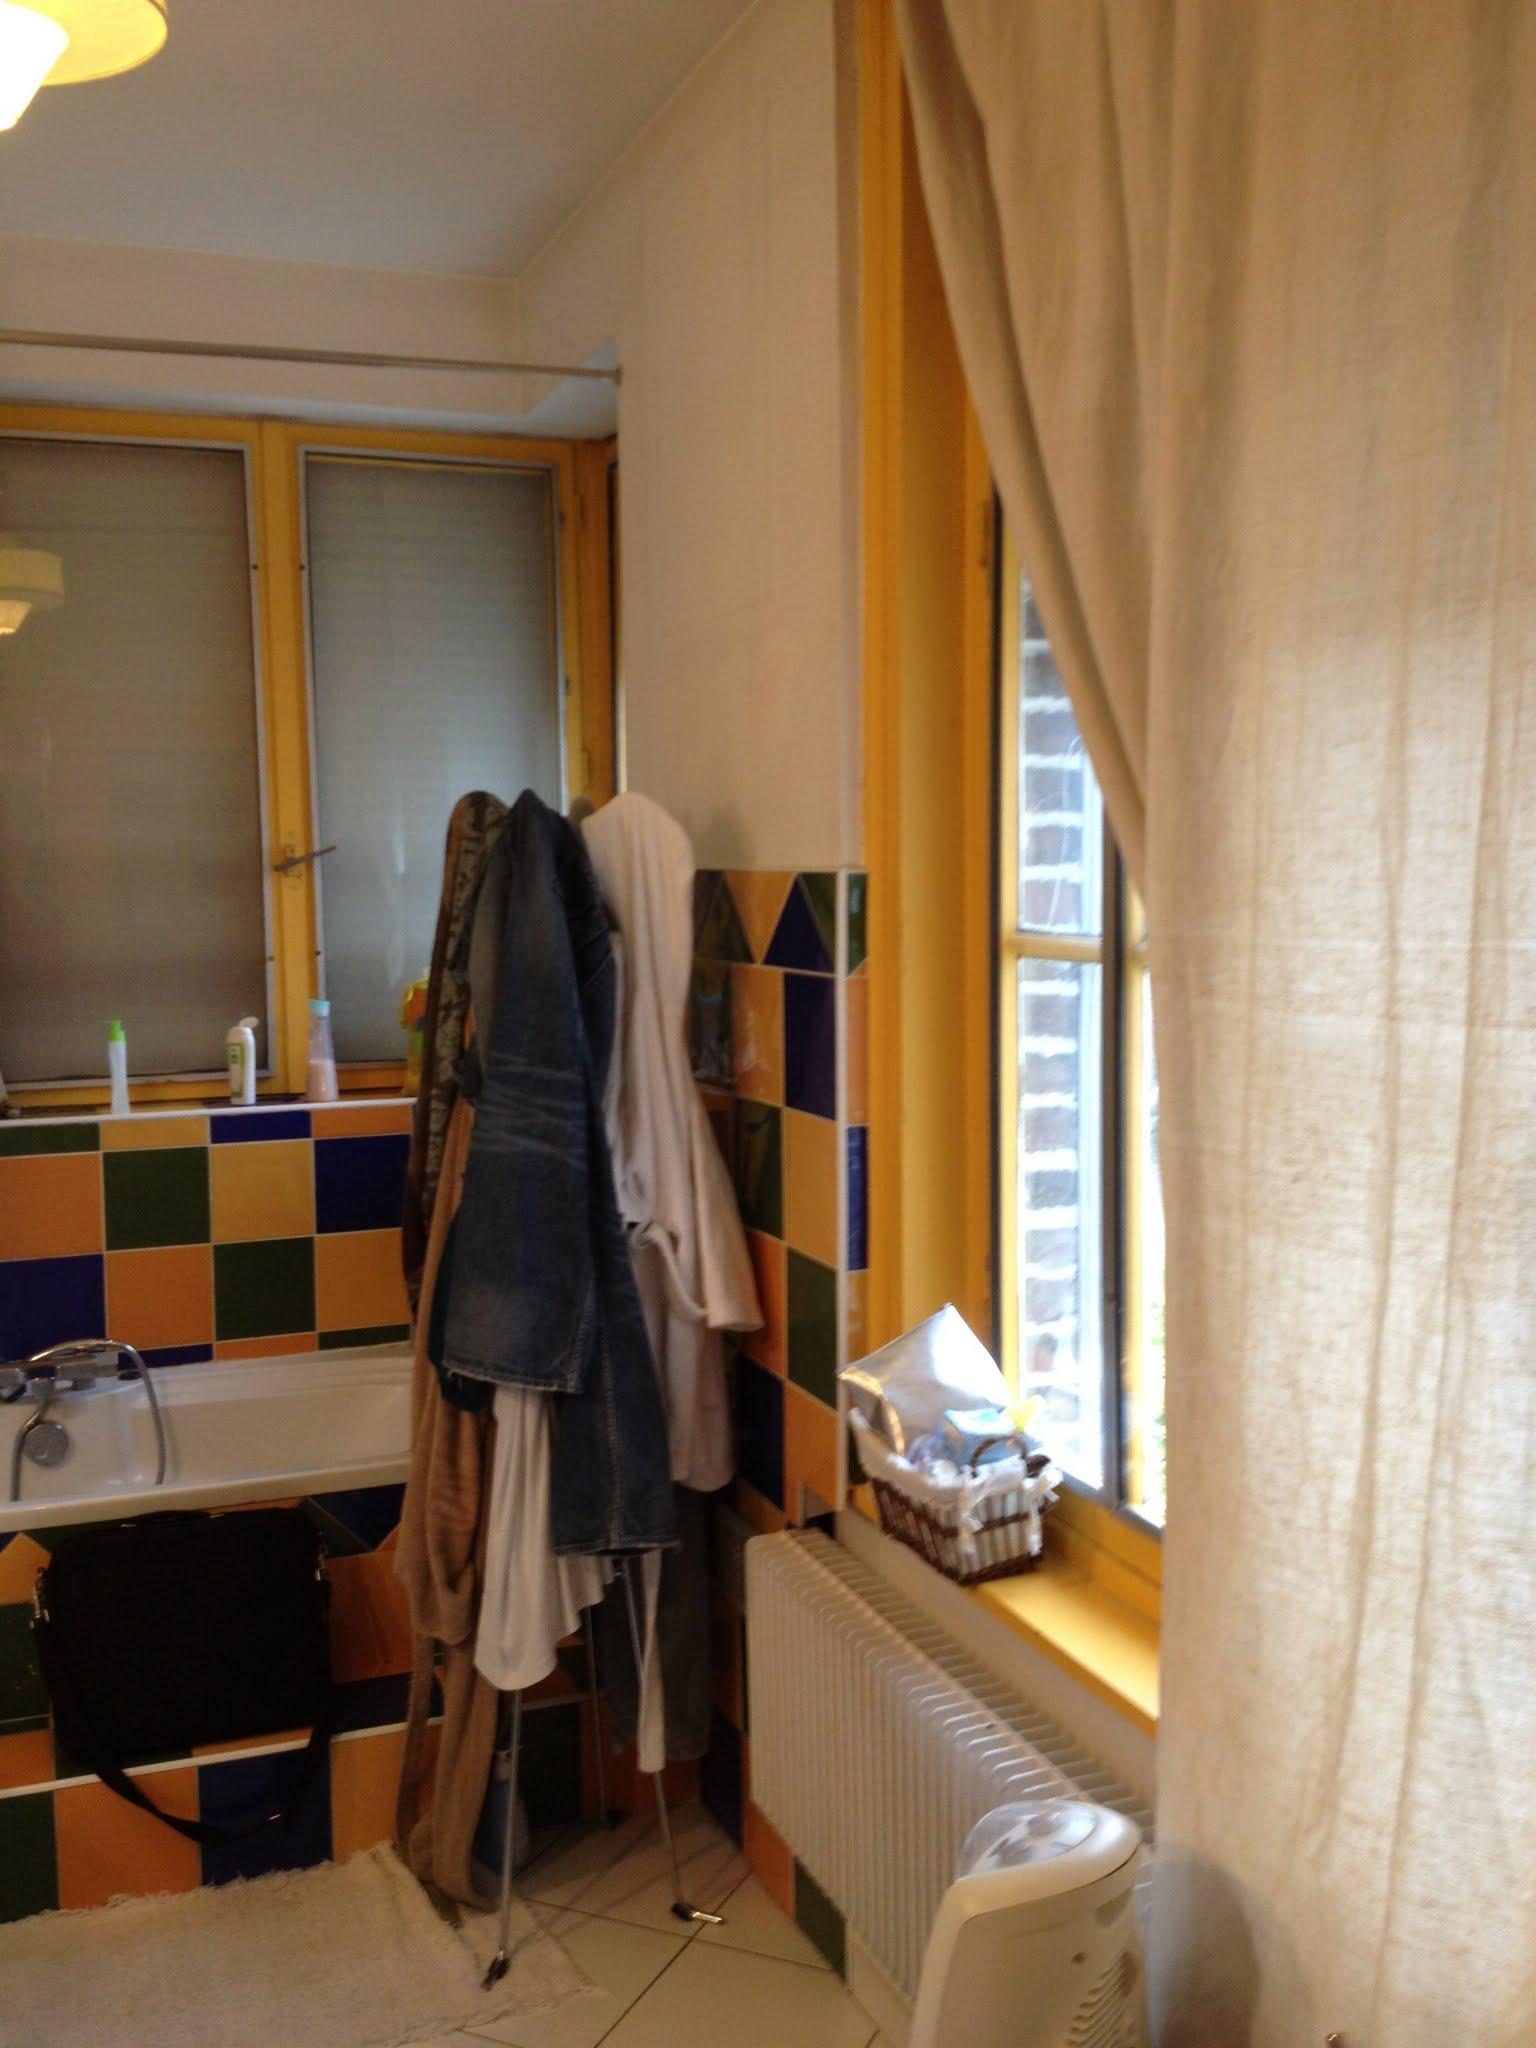 Tda Meuble Salle De Bain ~ r novation d une salle de bain avec douche bain cumulus cach